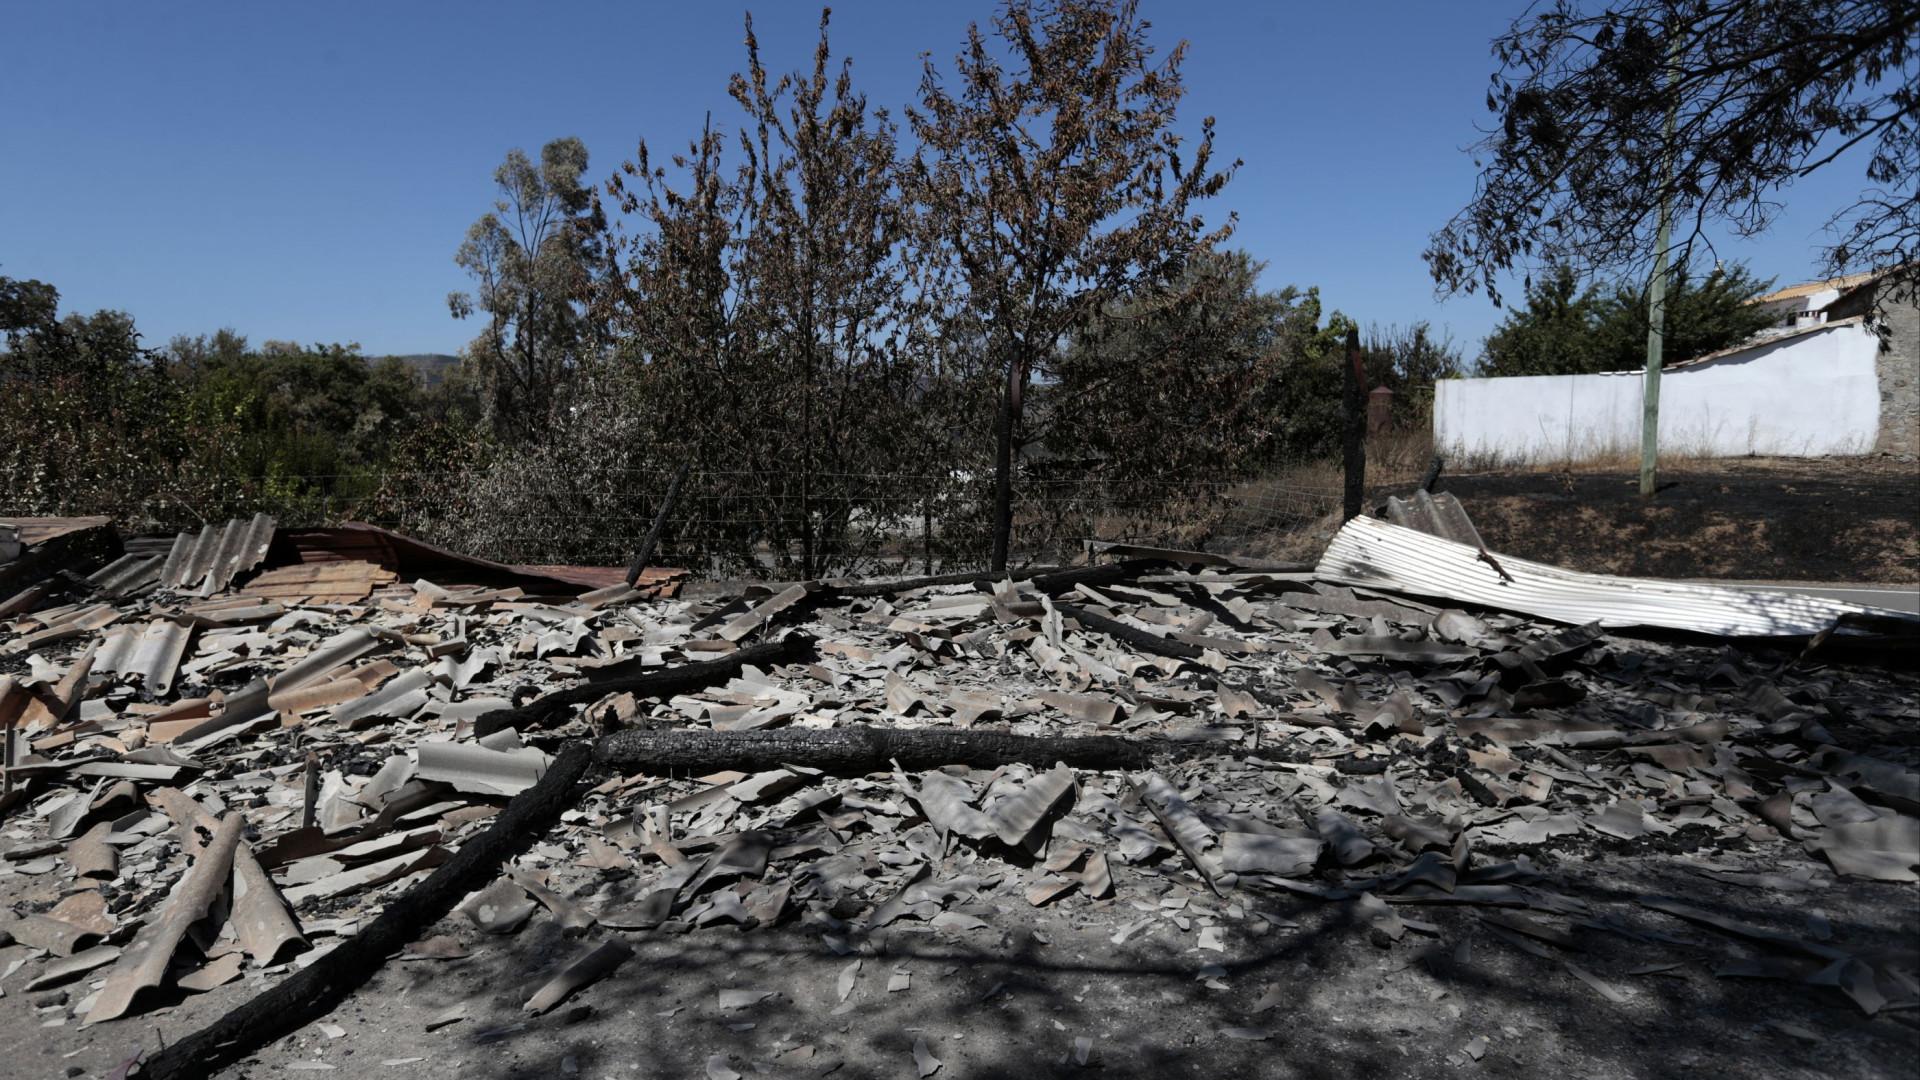 Incêndio no sul de Portugal está 'controlado', garante Proteção Civil